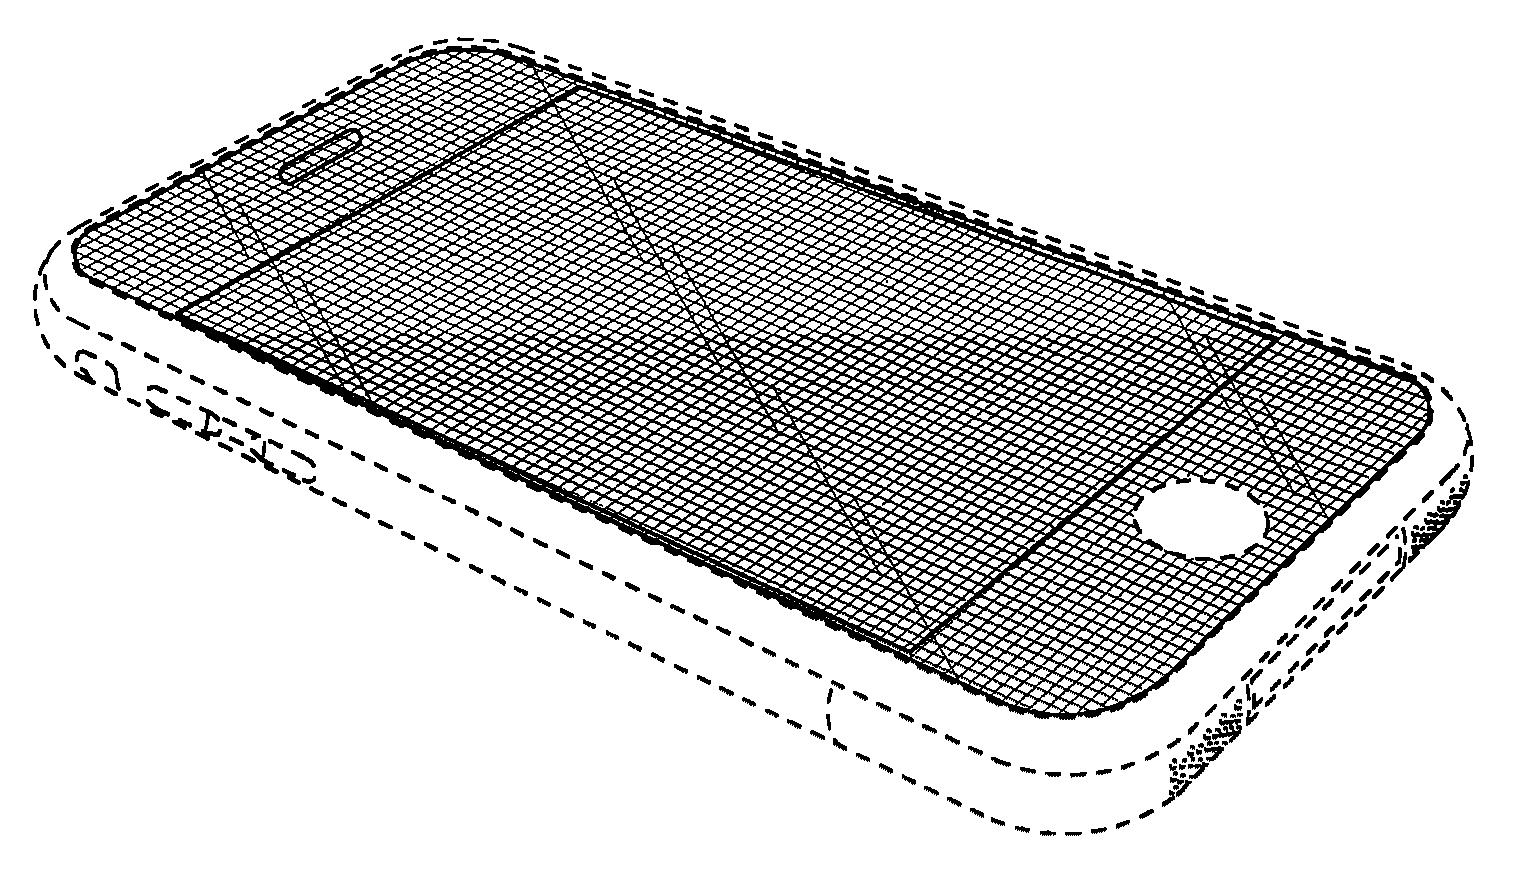 Avrundede hjørner og kant rundt skjermen er blant patentene striden handler om. Illustrasjonsbildet er hentet fra et av de aktuelle patentdokumentene.